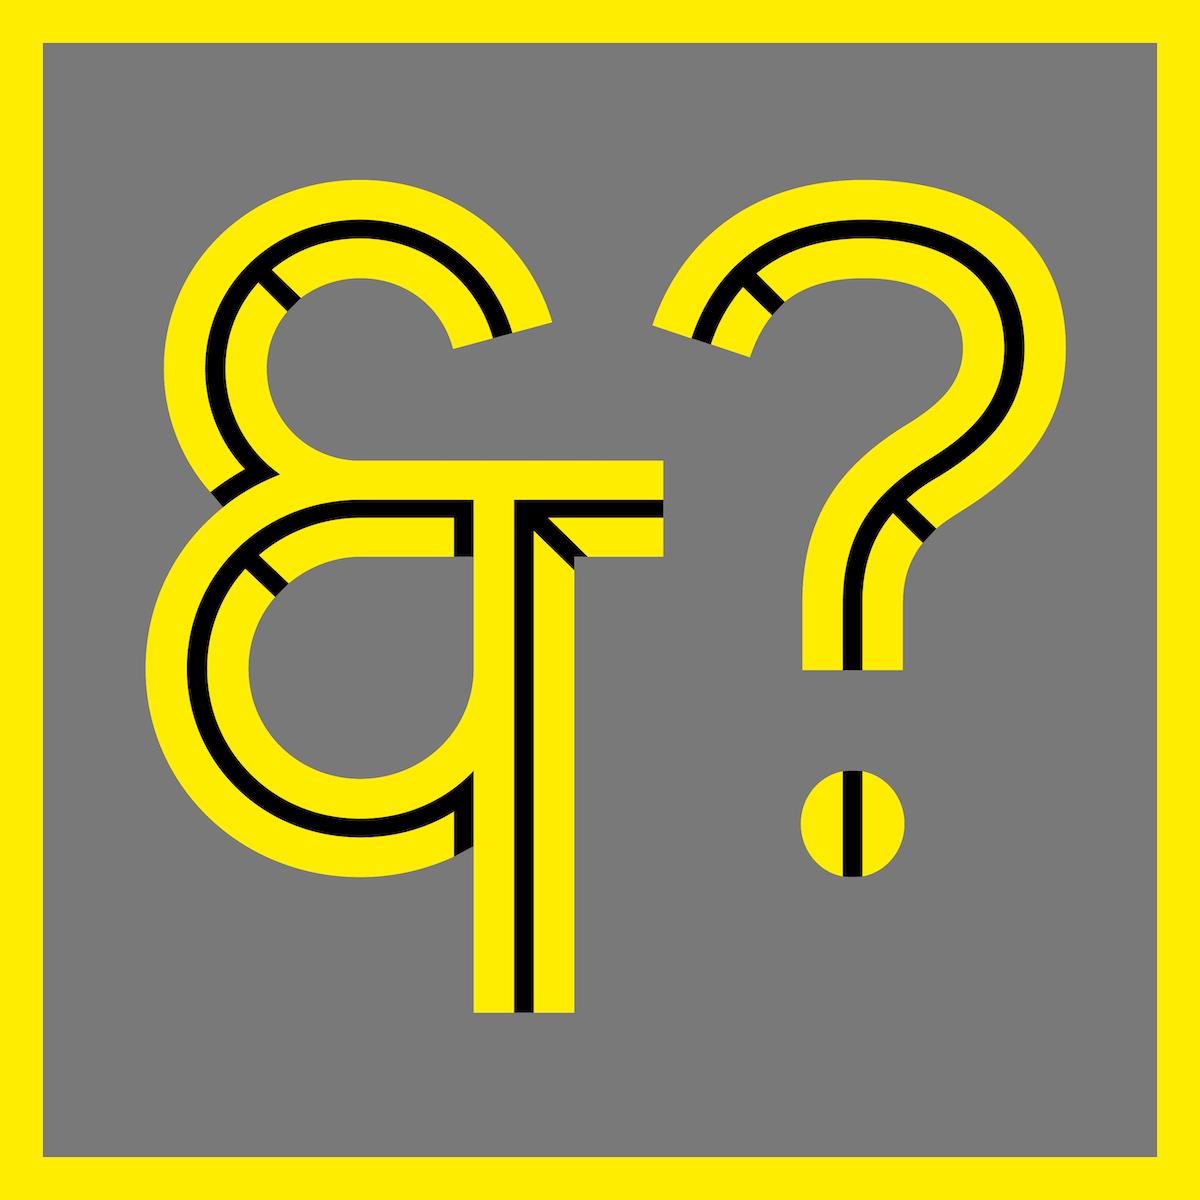 Achtung colour typeface